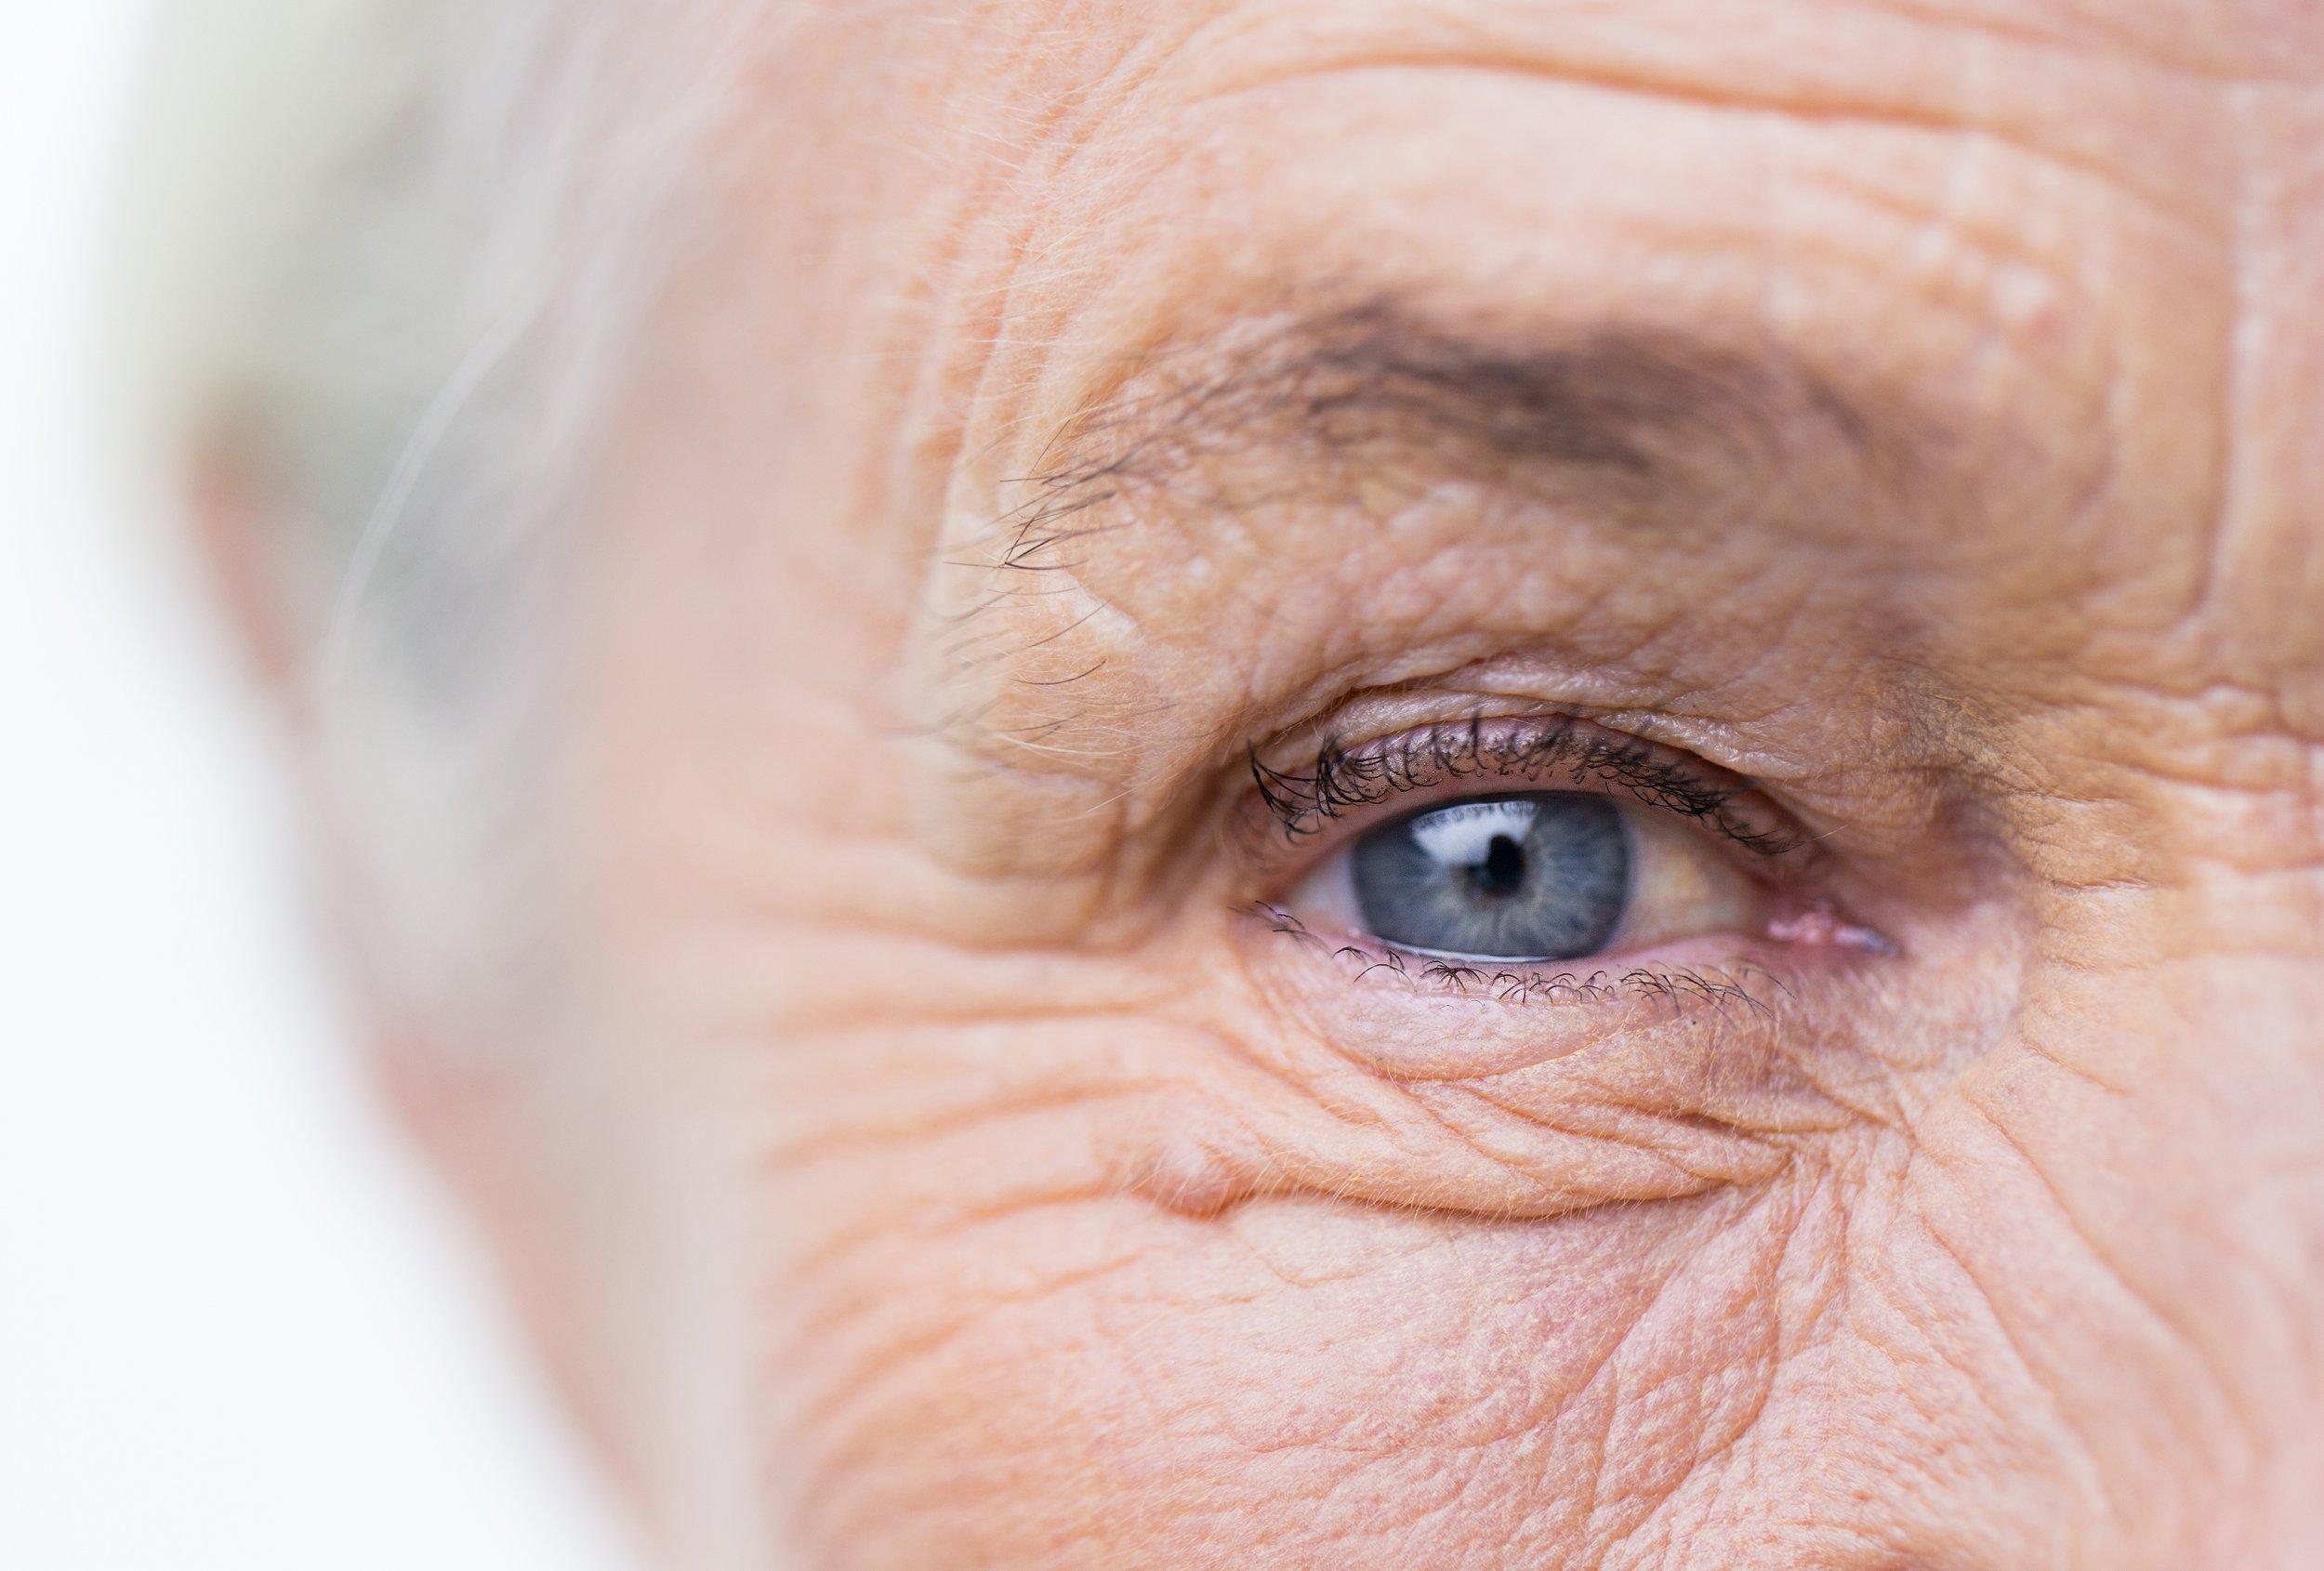 aging-wrinkles-old-grey-hair-stock